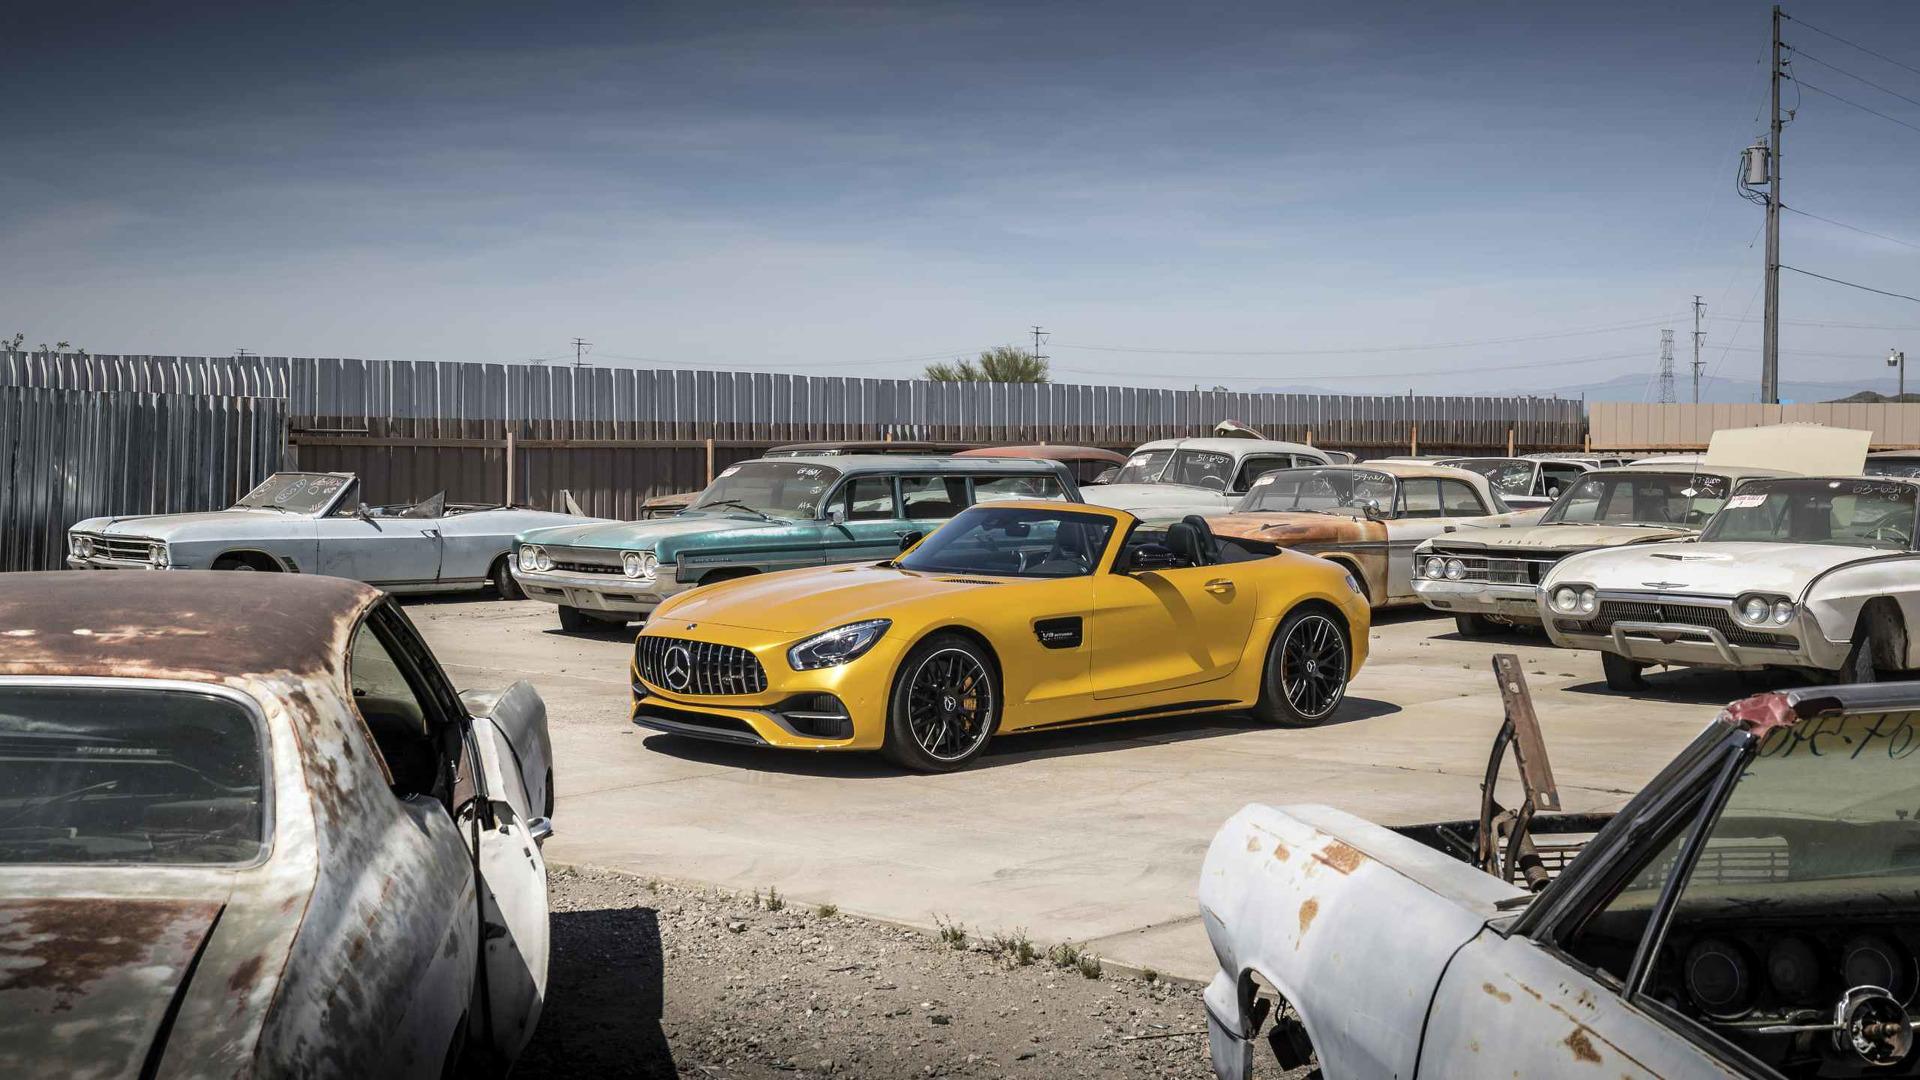 2017 Mercedes AMG GT Özellikleri ve Görselleri Yayınlandı